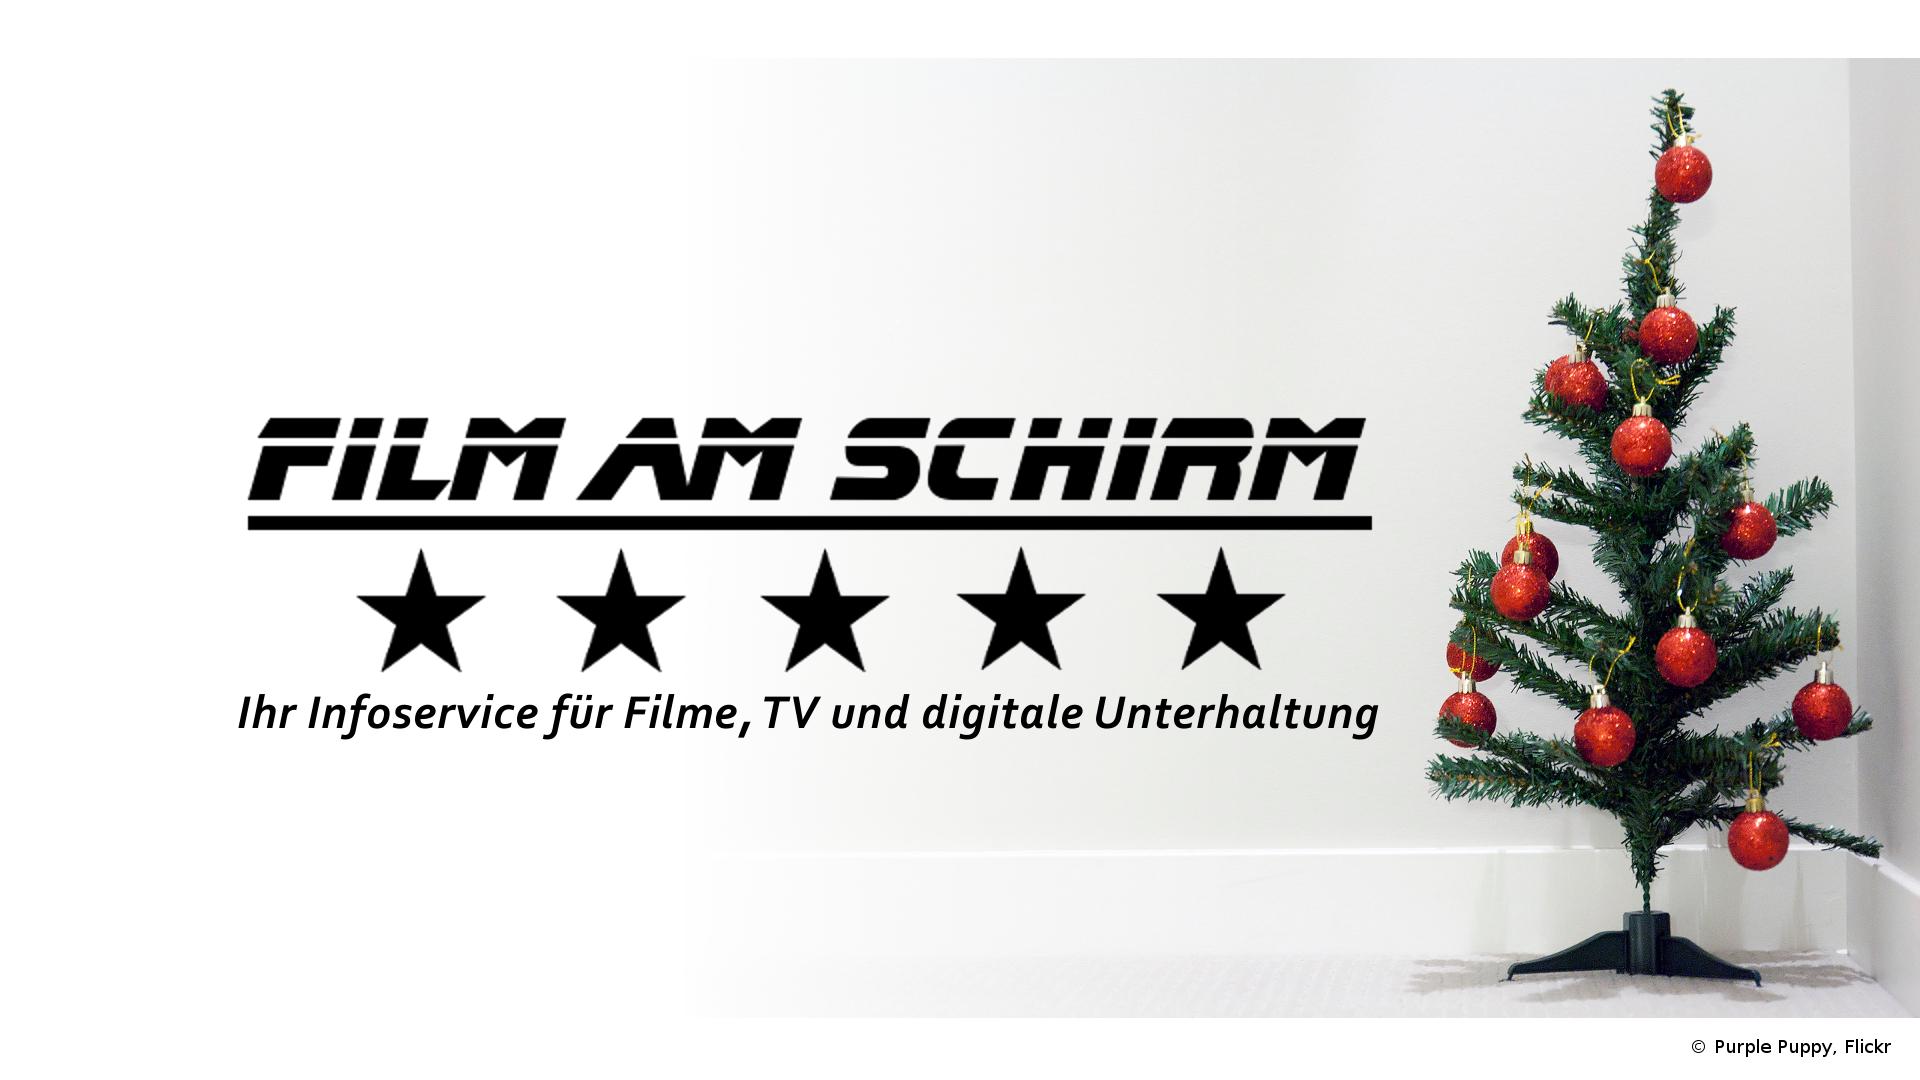 Abspann_Film_am-Schirm_FULL-HD_weihnachten